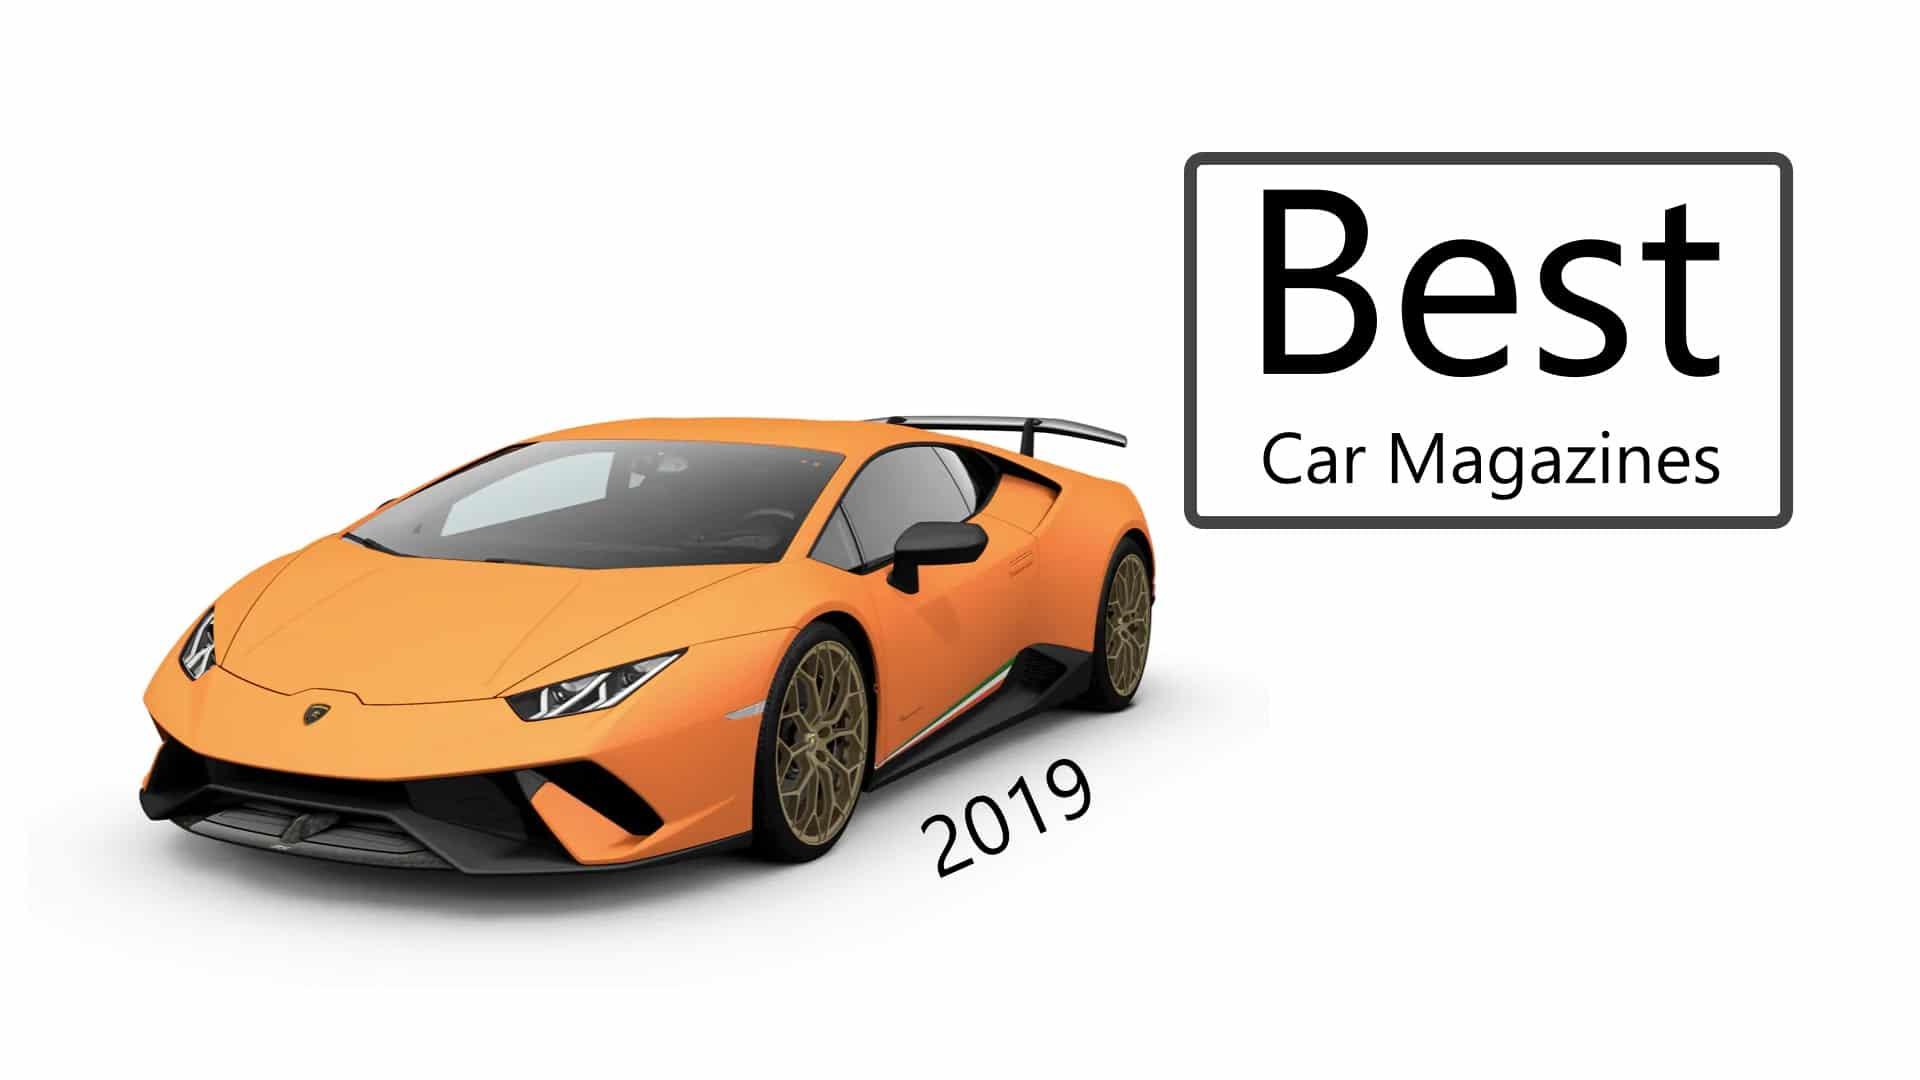 Best Car Magazines